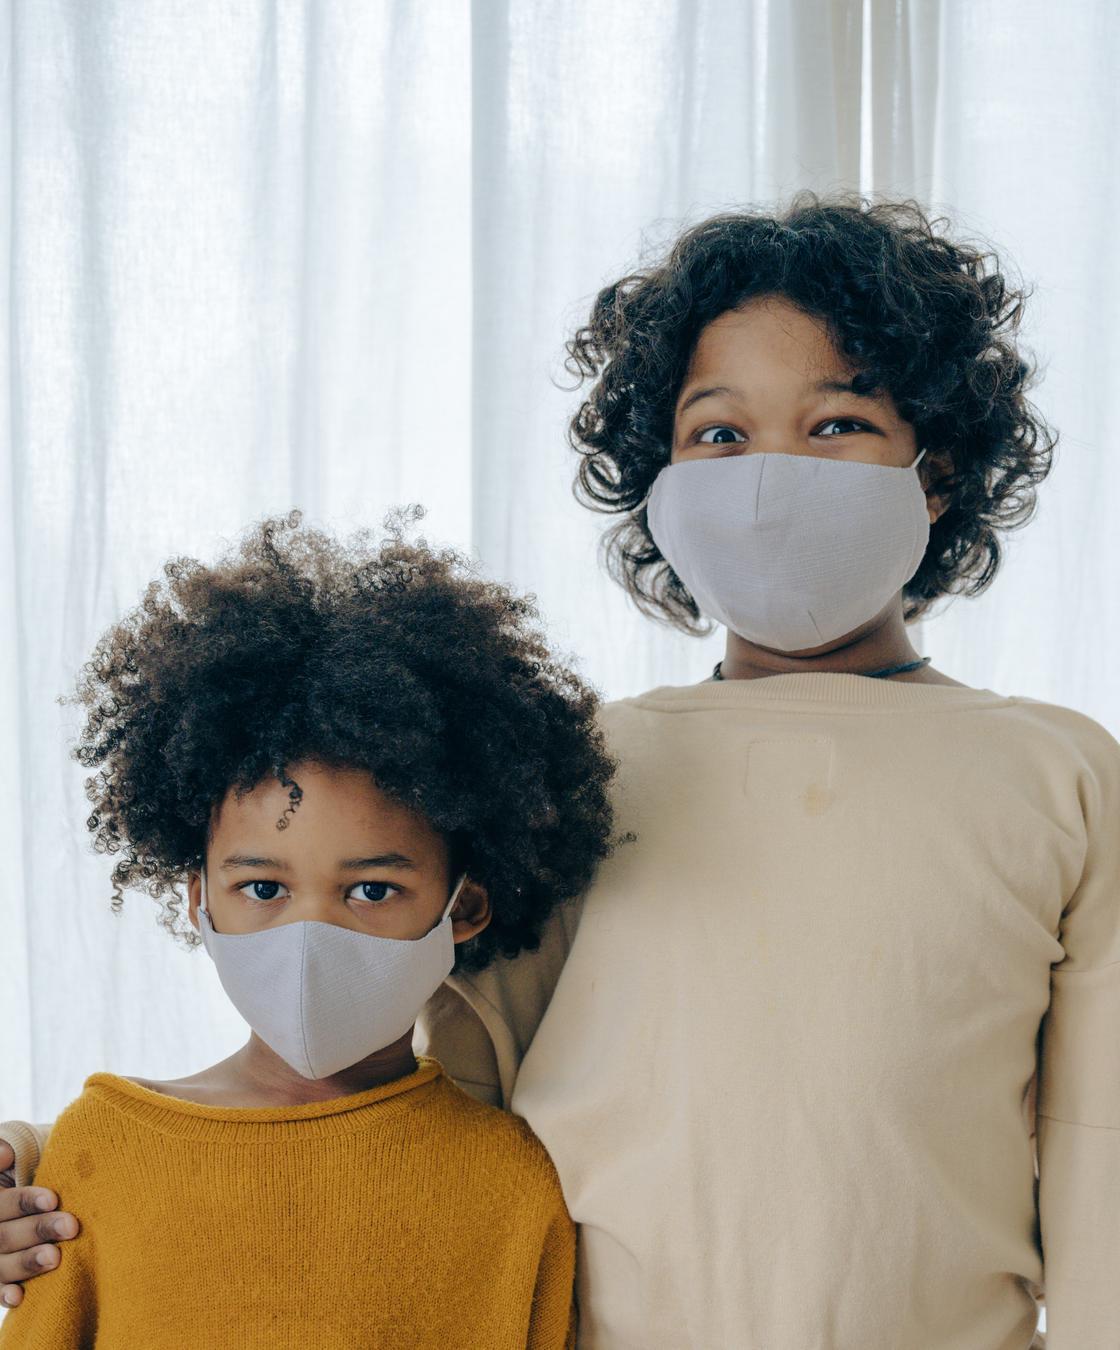 Двое детей в маскахи